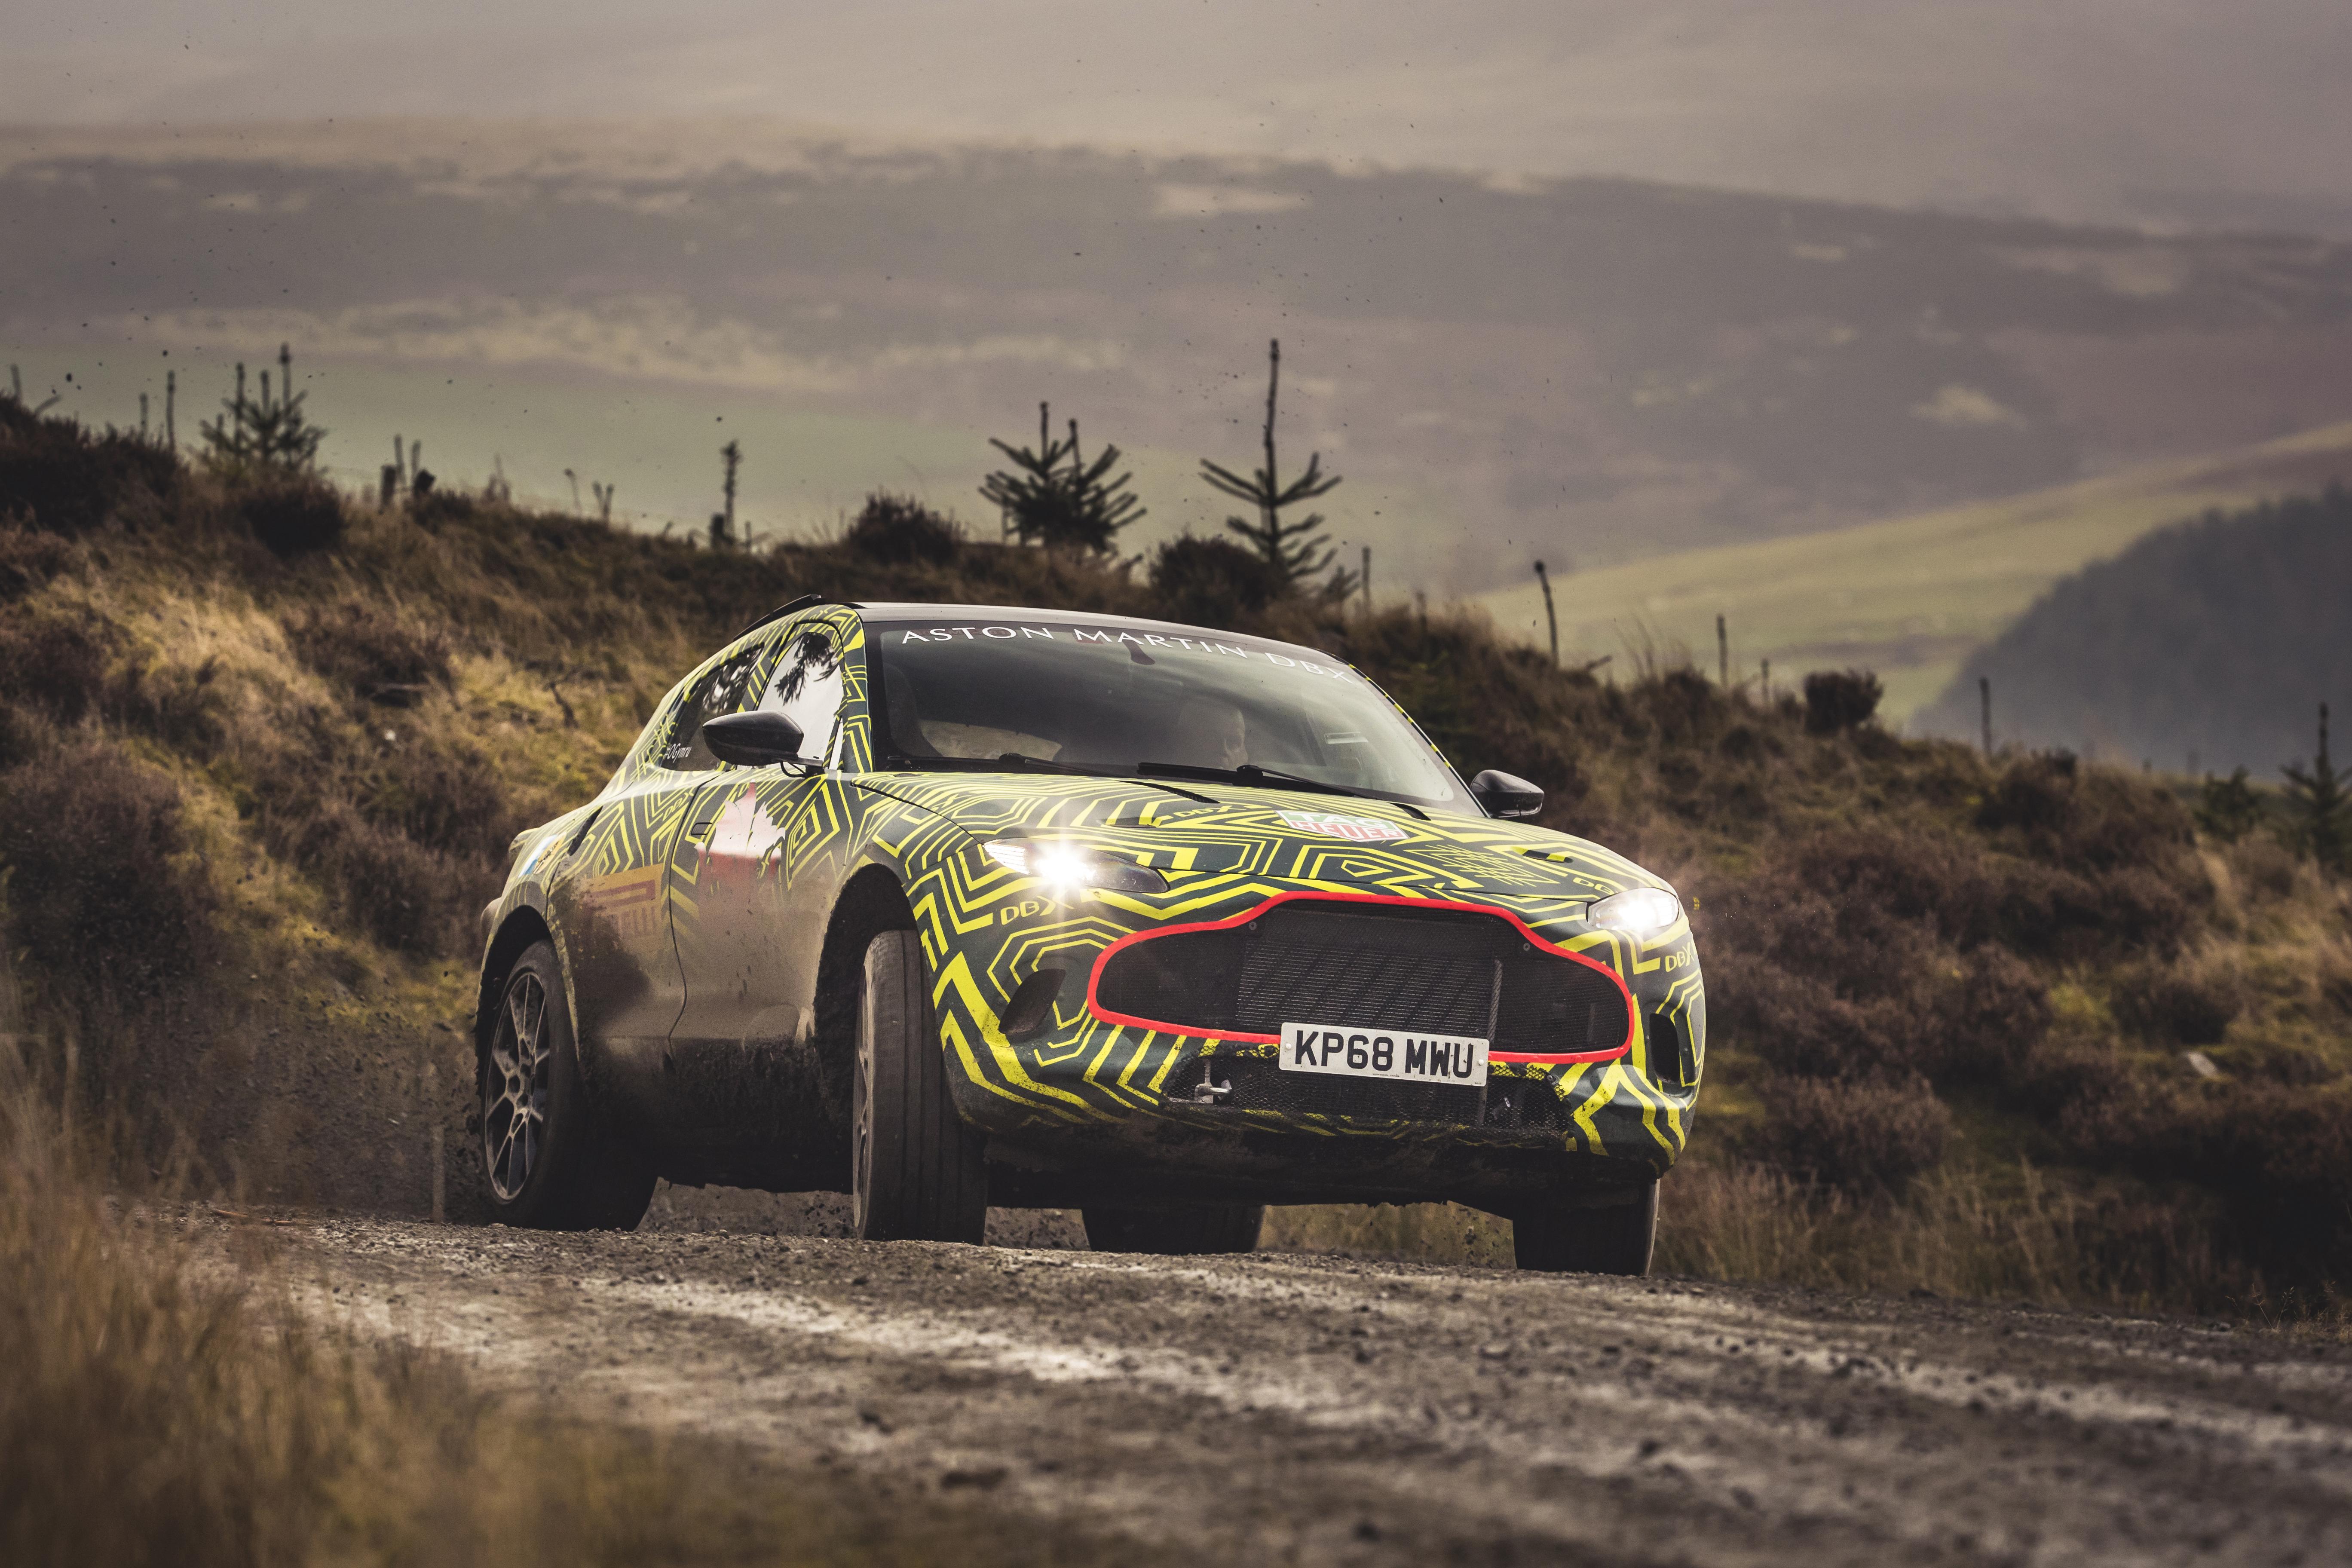 Primeiro Suv Da Aston Martin Dbx Chega Em 2019 Com Opcoes Eletricas Quatro Rodas